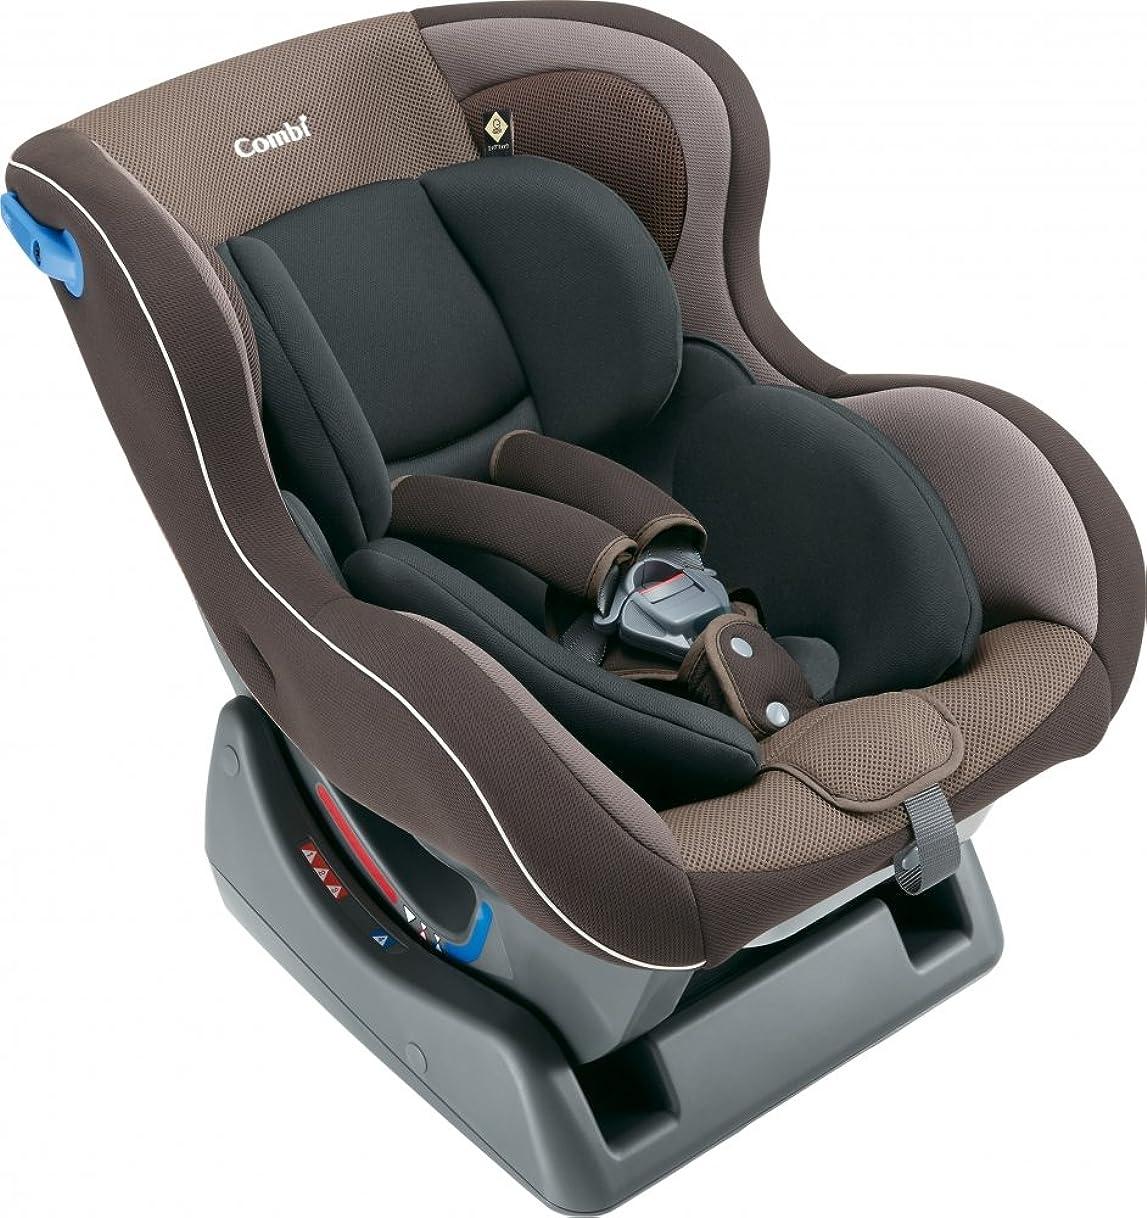 六月形処方する【Amazon.co.jp限定】 Child Guard(チャイルドガード) シートベルト固定 タカタ04 ビーンズ シートベルト 固定 チャイルドシート (0~4 歳向け) ネイビーホワイト 0か月~ (1年保証) TKAMZ003